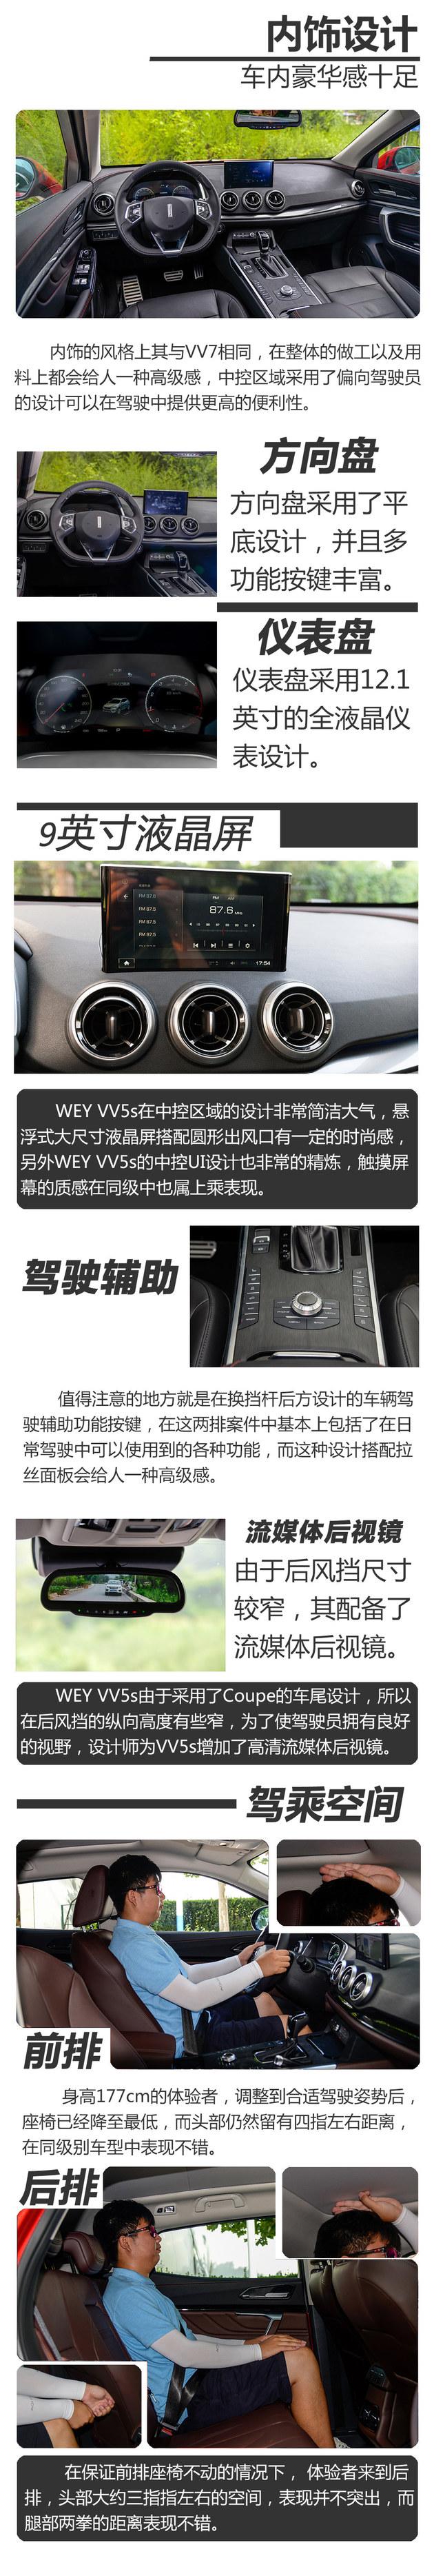 长城WEY VV5s性能测试 实至名归的运动